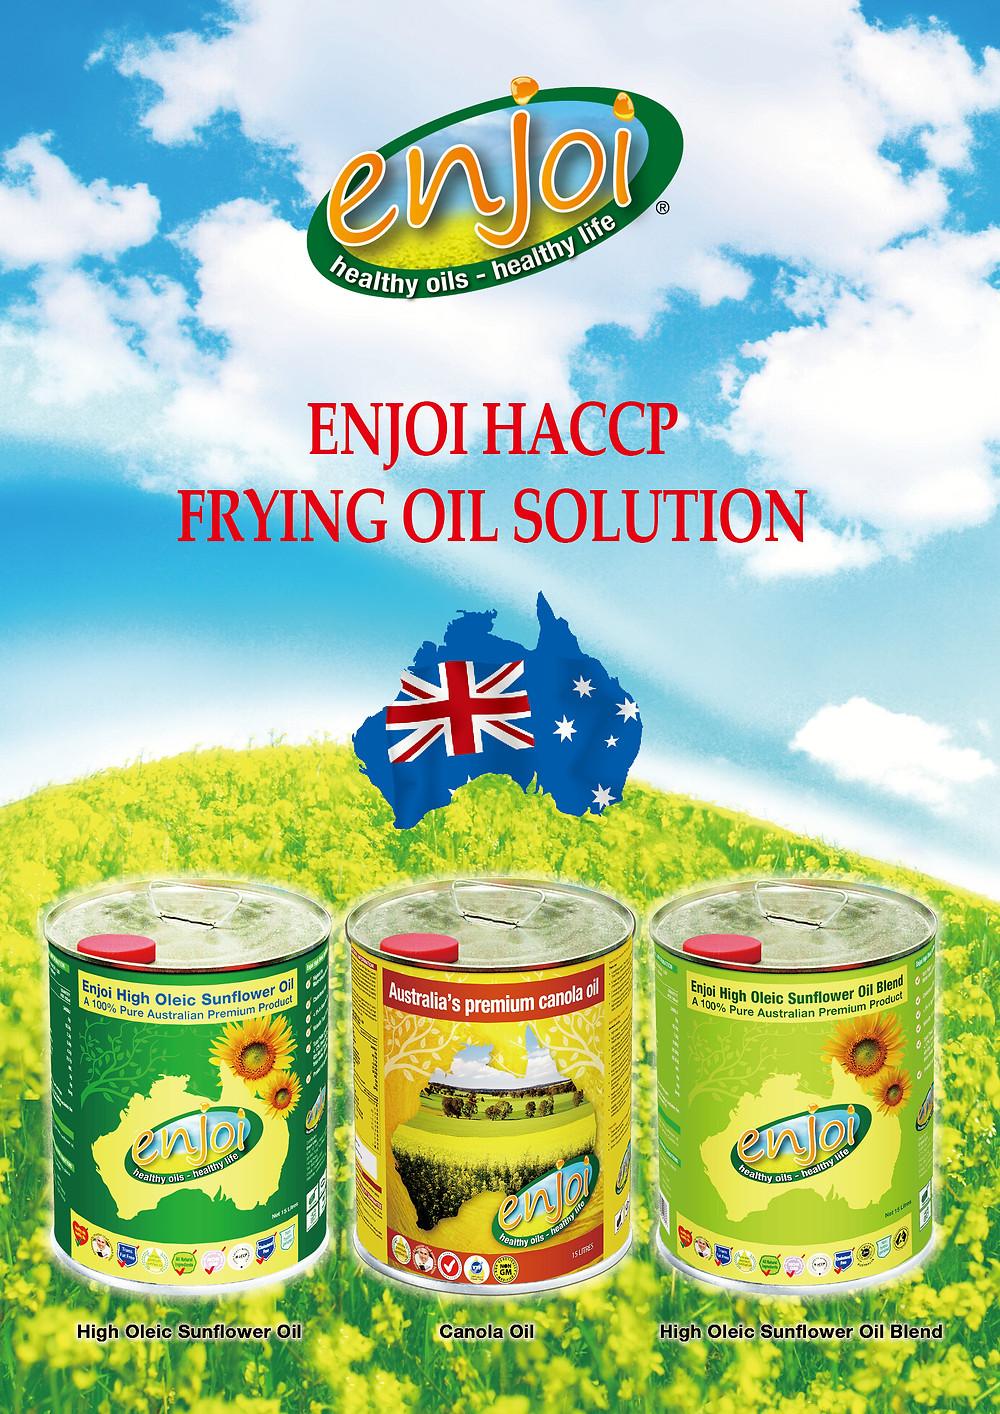 Enjoi HACCP Frying Oil Solution